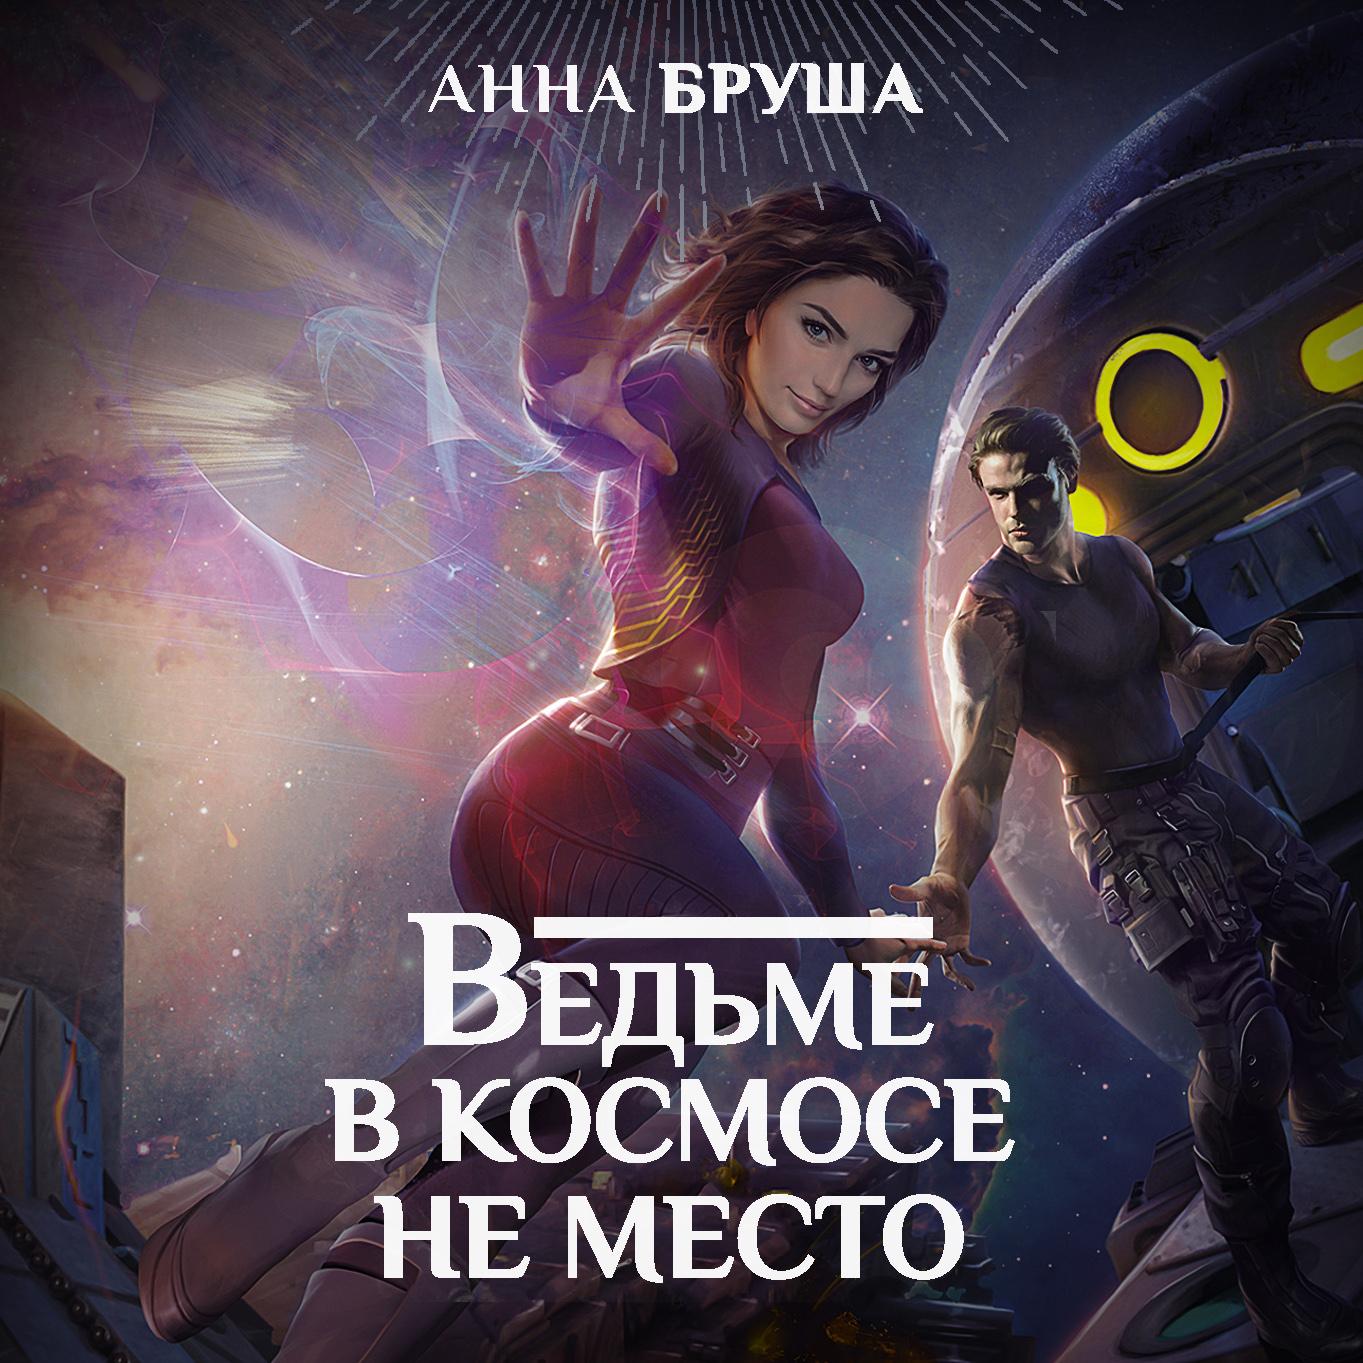 Ведьме в космосе не место